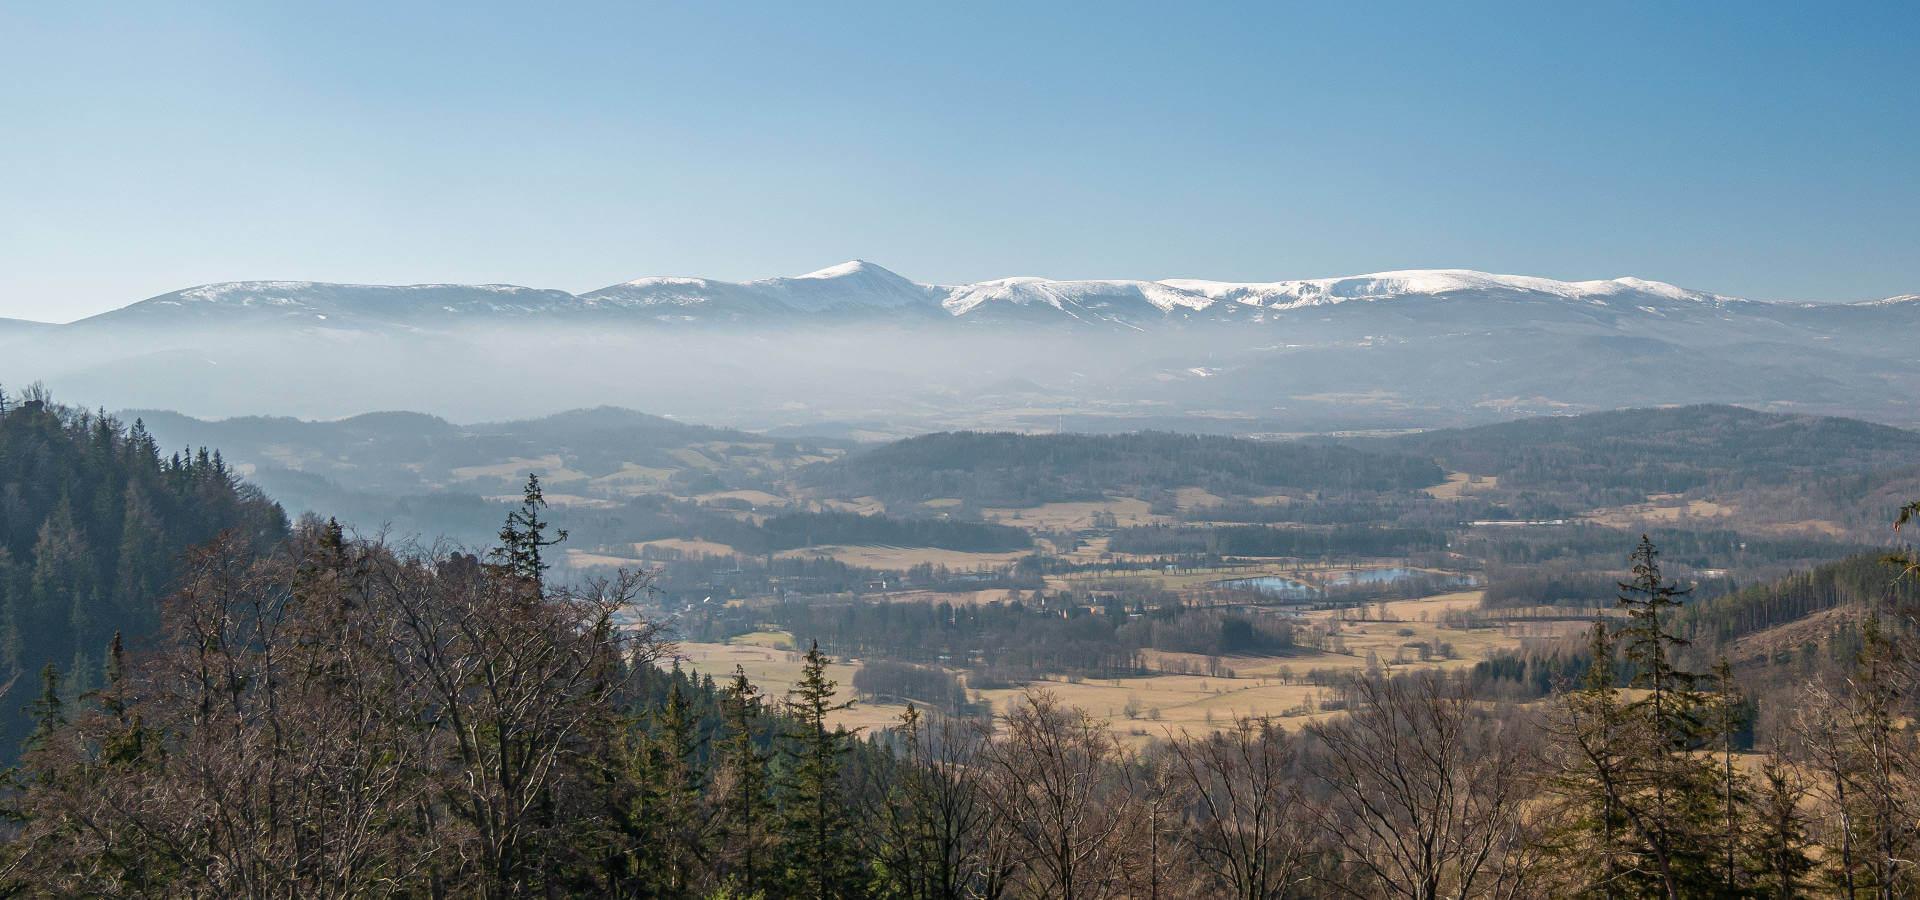 Polskie góry na weekend - 11 miejsc, które warto odwiedzić